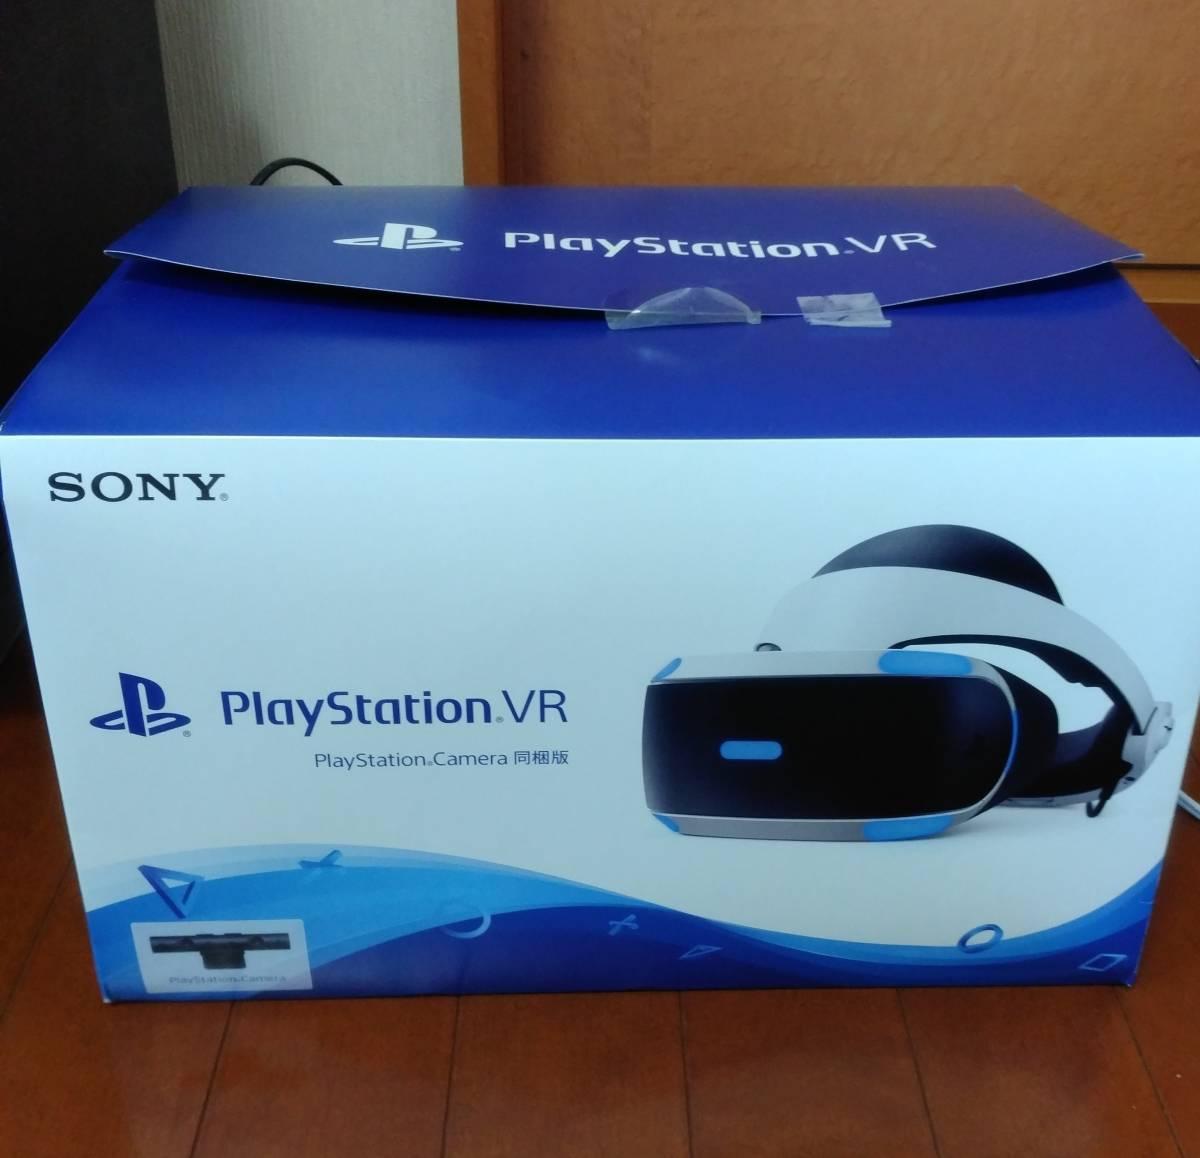 【ソニー】PlayStation VR PlayStation Camera同梱版 CUHJ-16003